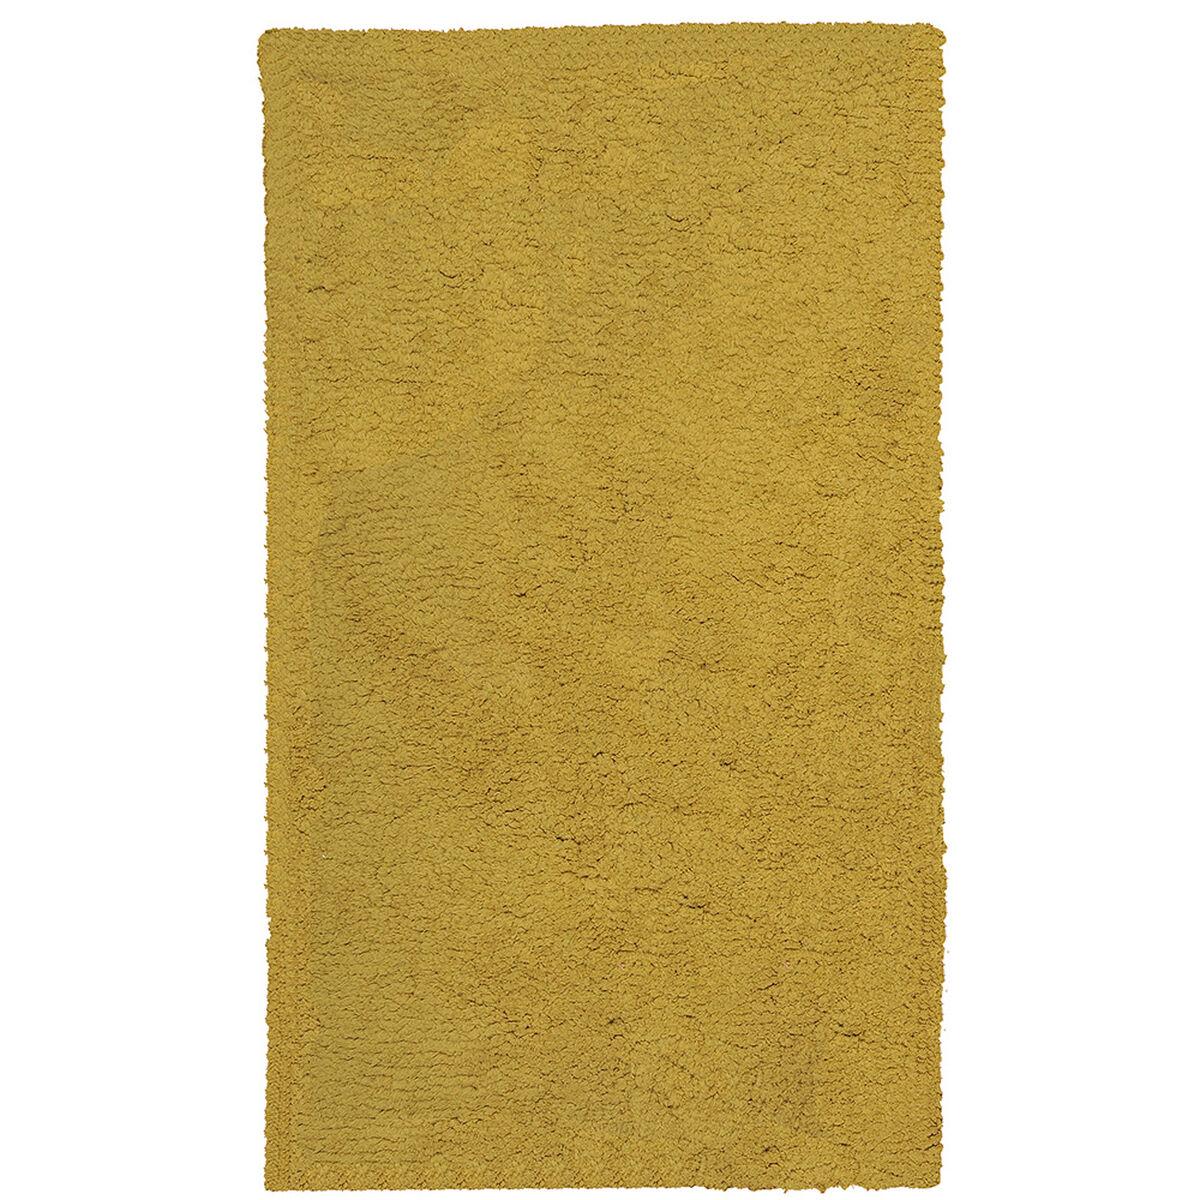 Alfombra Mashini 150 x 220 cm Yagan